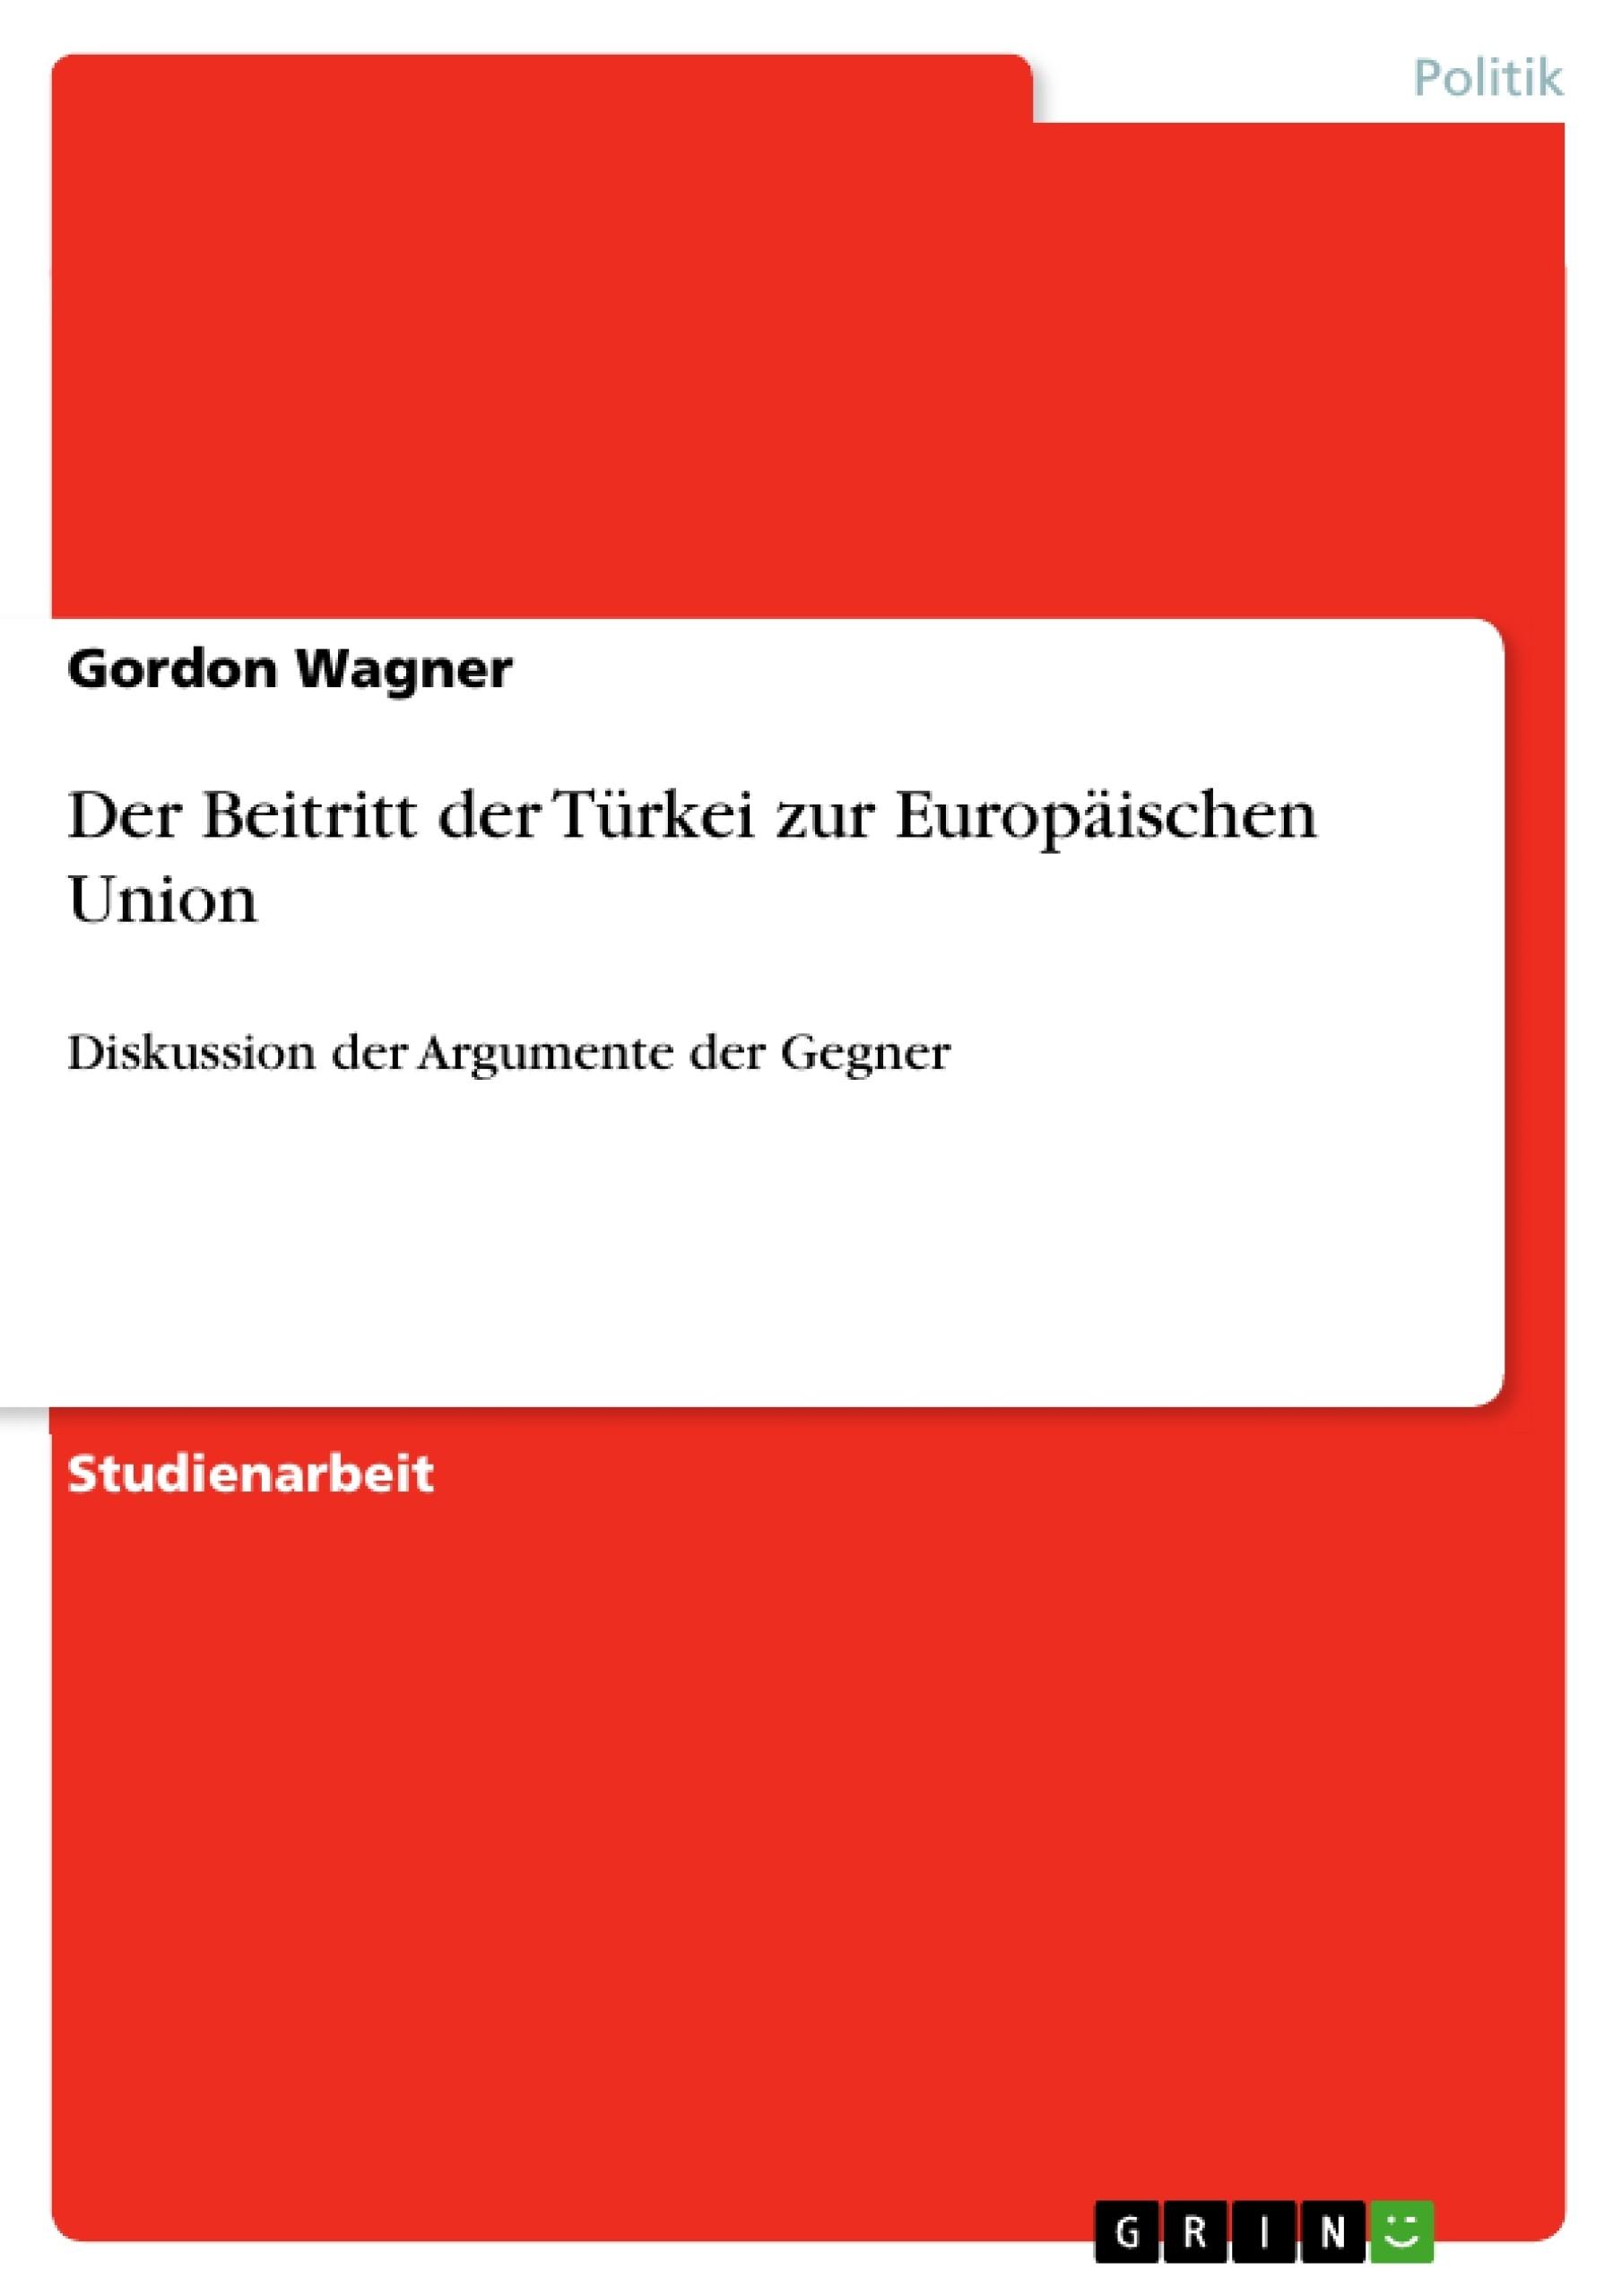 Titel: Der Beitritt der Türkei zur Europäischen Union